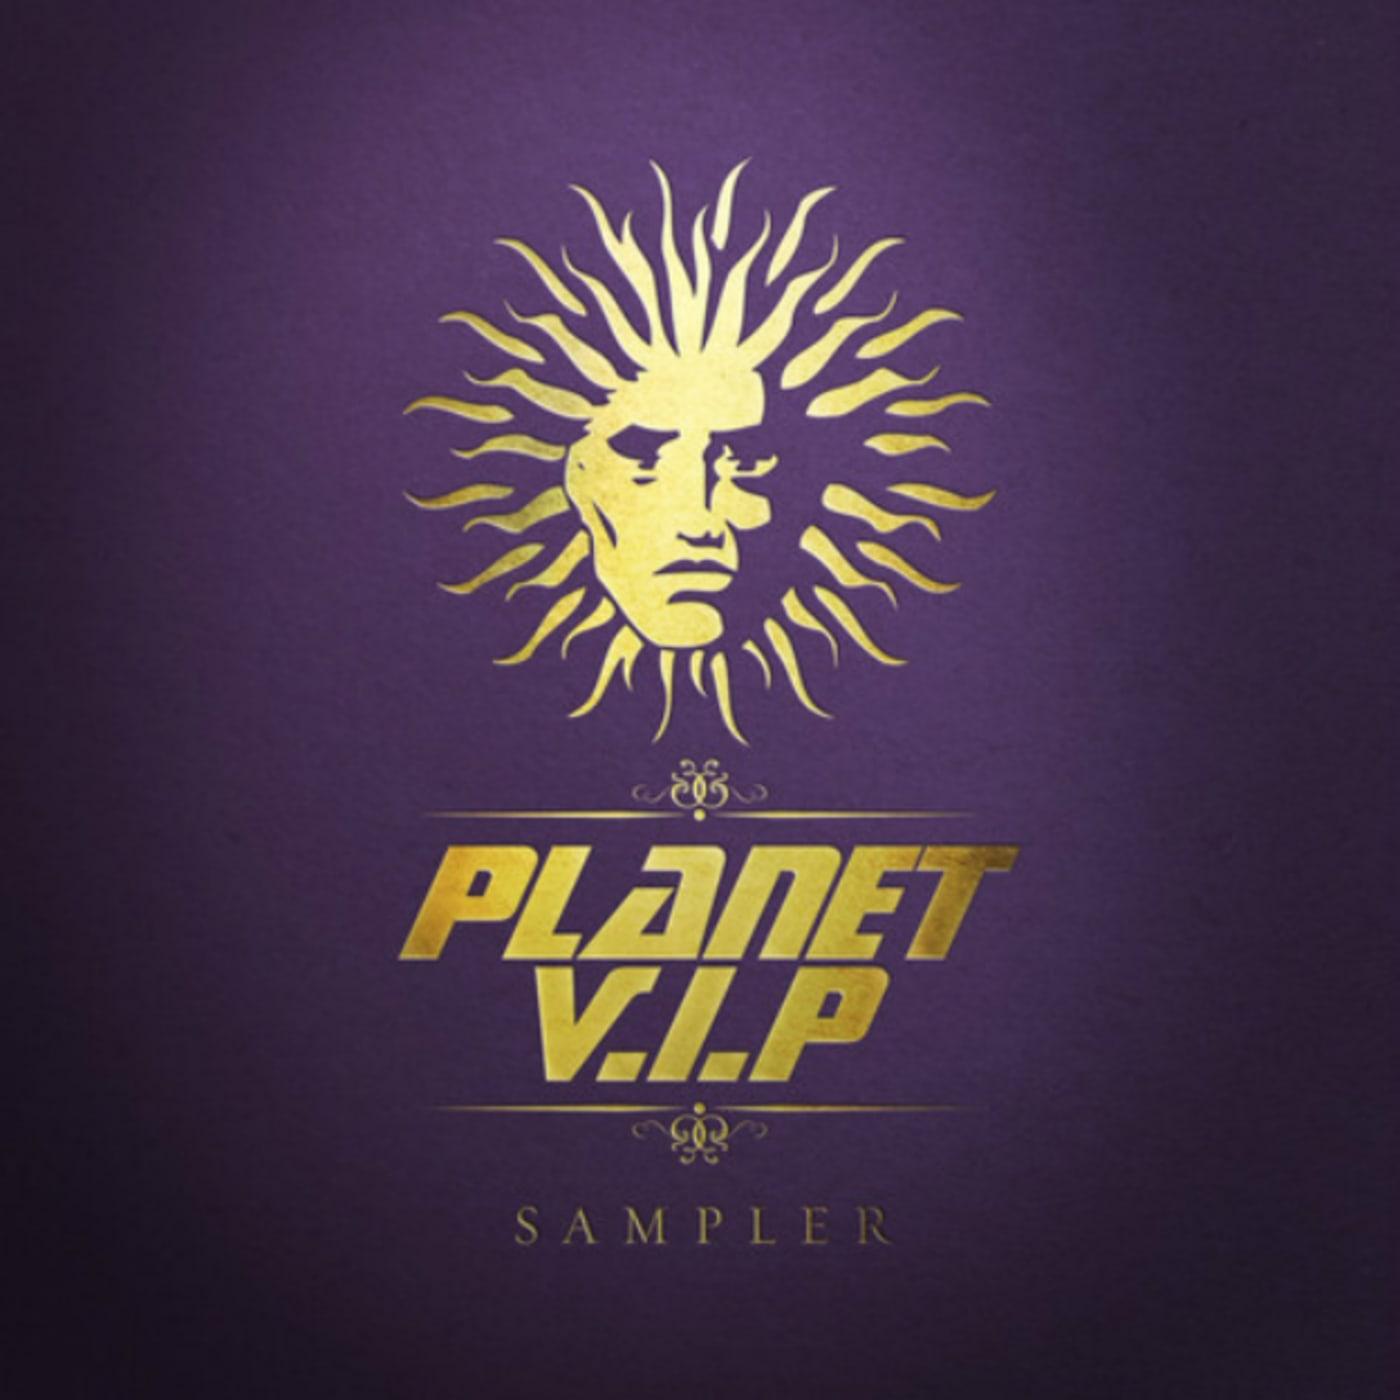 planet vip sampler